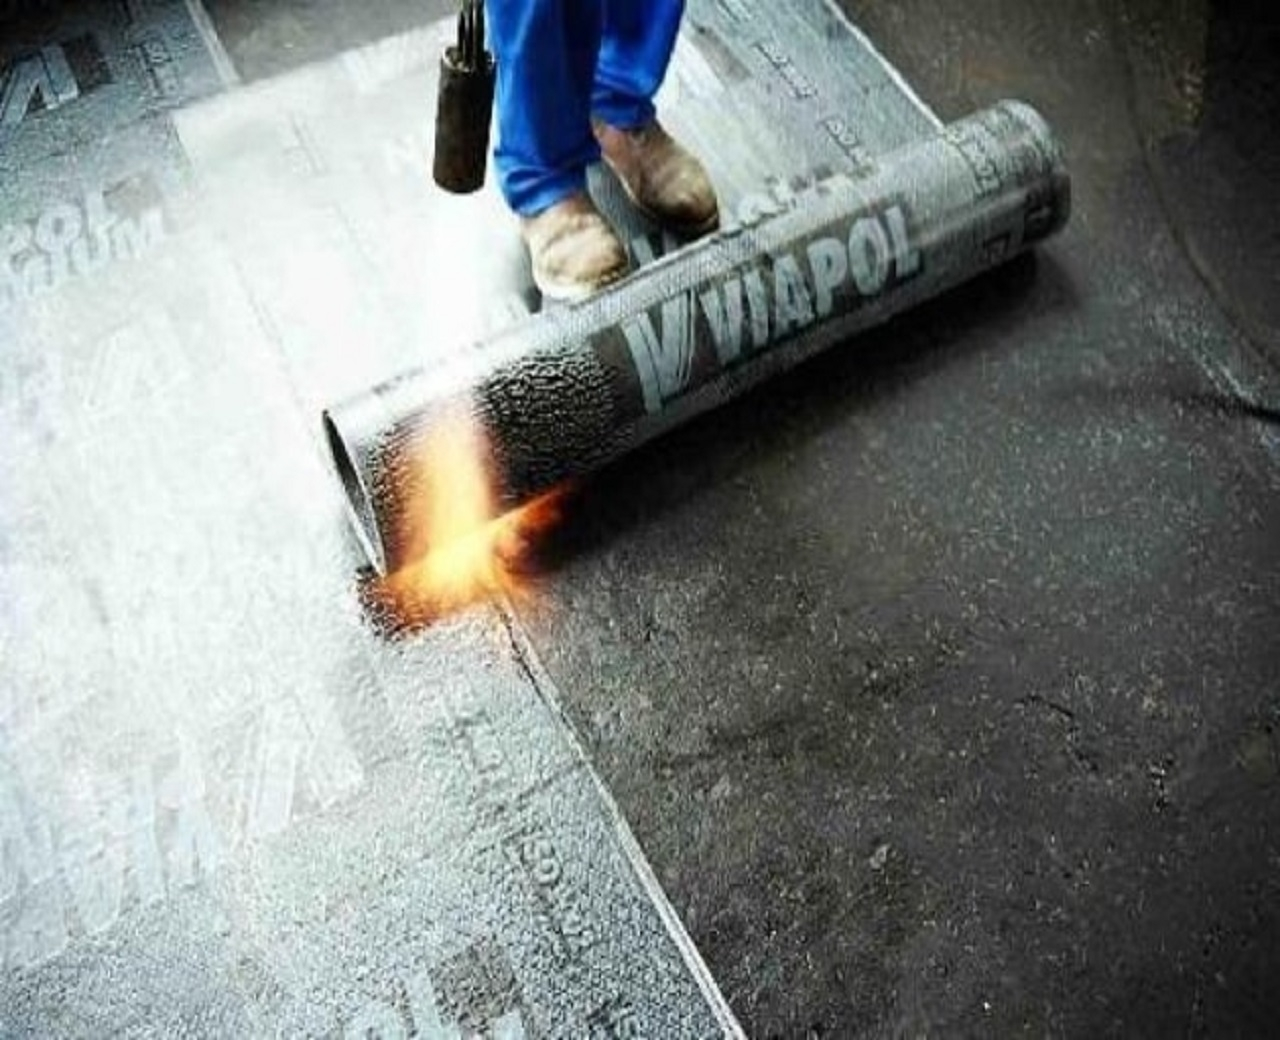 Impermeabilização de piso - Foto 1